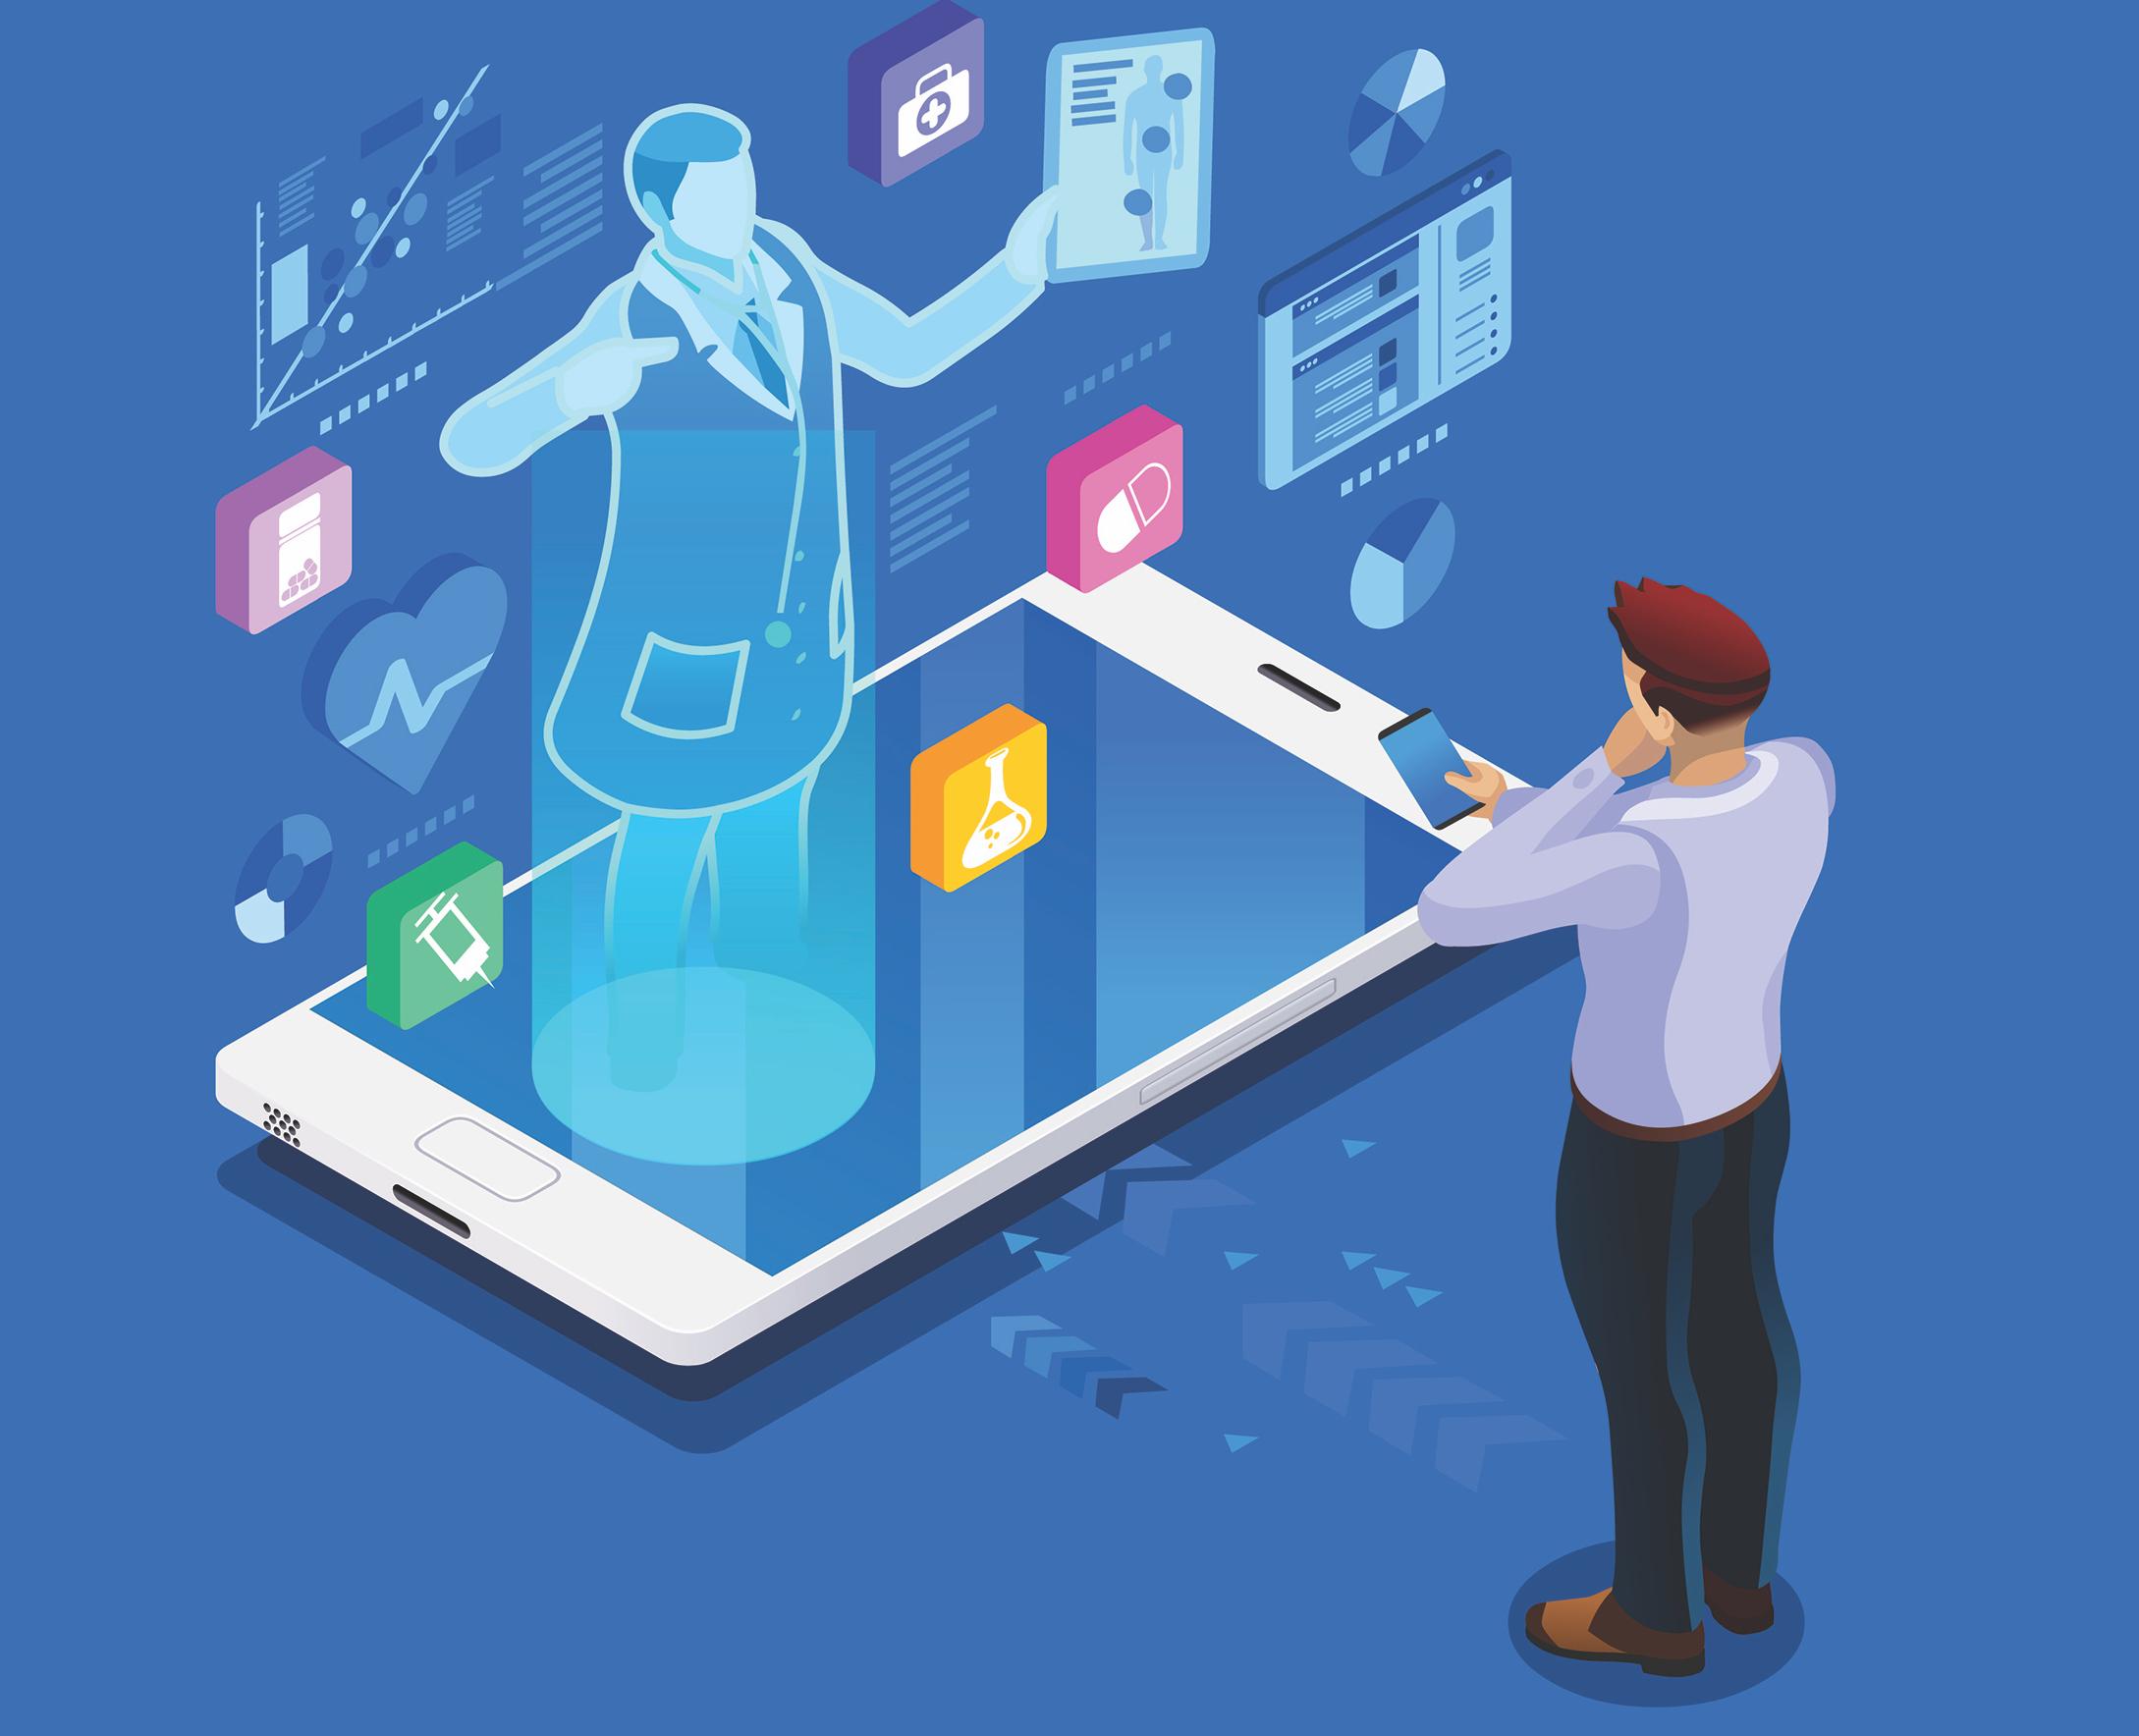 Ψηφιακή υγειονομική περίθαλψη: Αυξάνουν οι επενδύσεις στην ψηφιακή υγεία